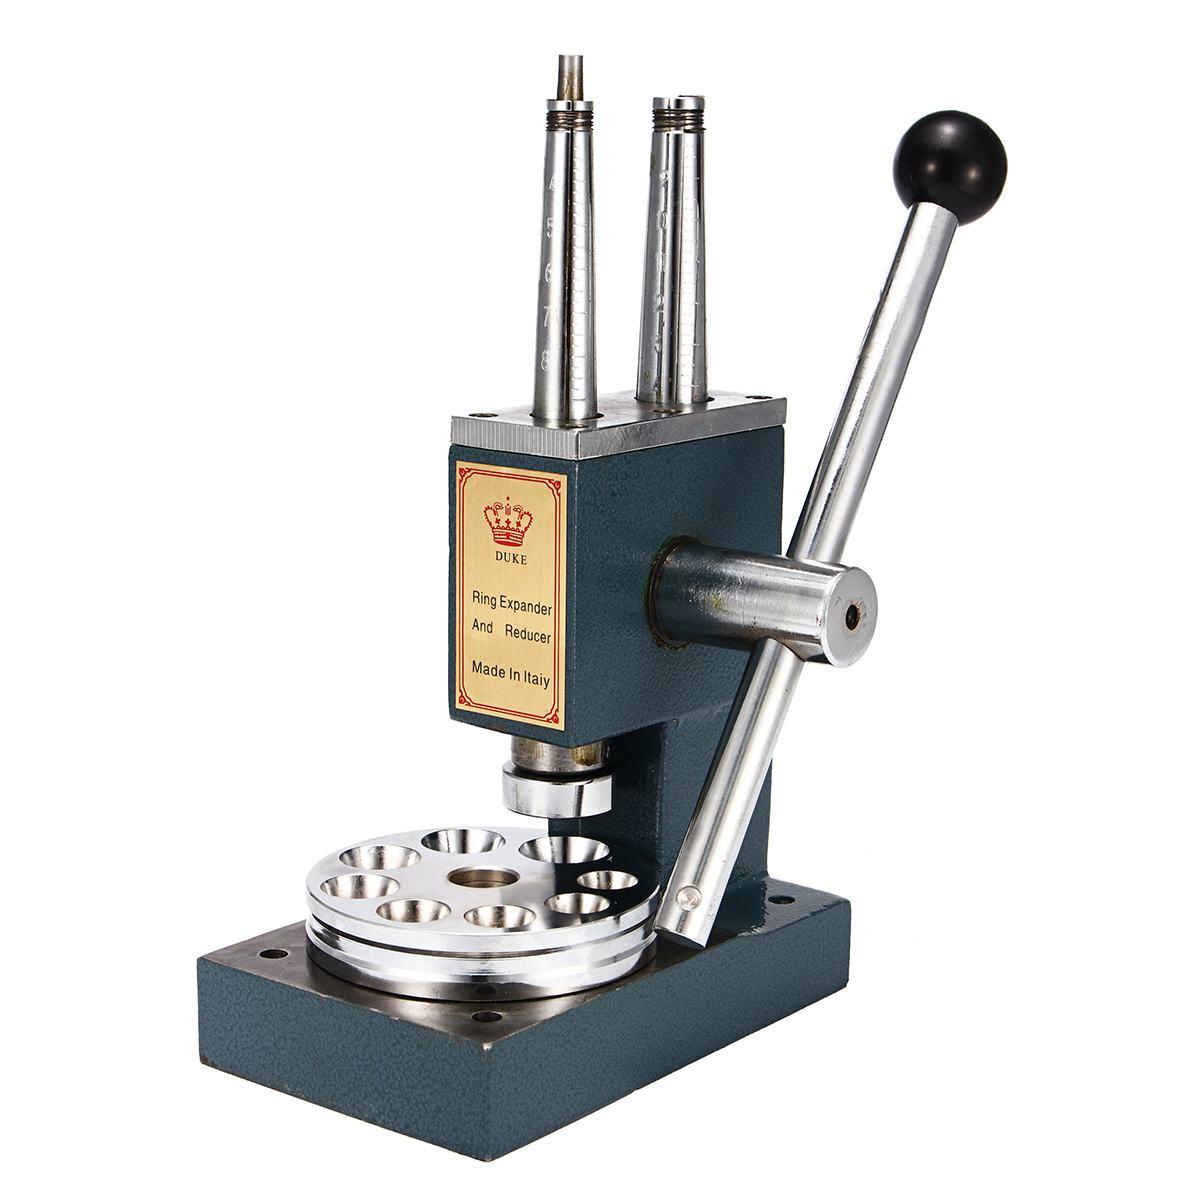 Ювелирное кольцо Носилки Редуктор Увеличитель размер машины расширитель гаечный ключ инструменты с двумя полюсами ювелирное оборудование